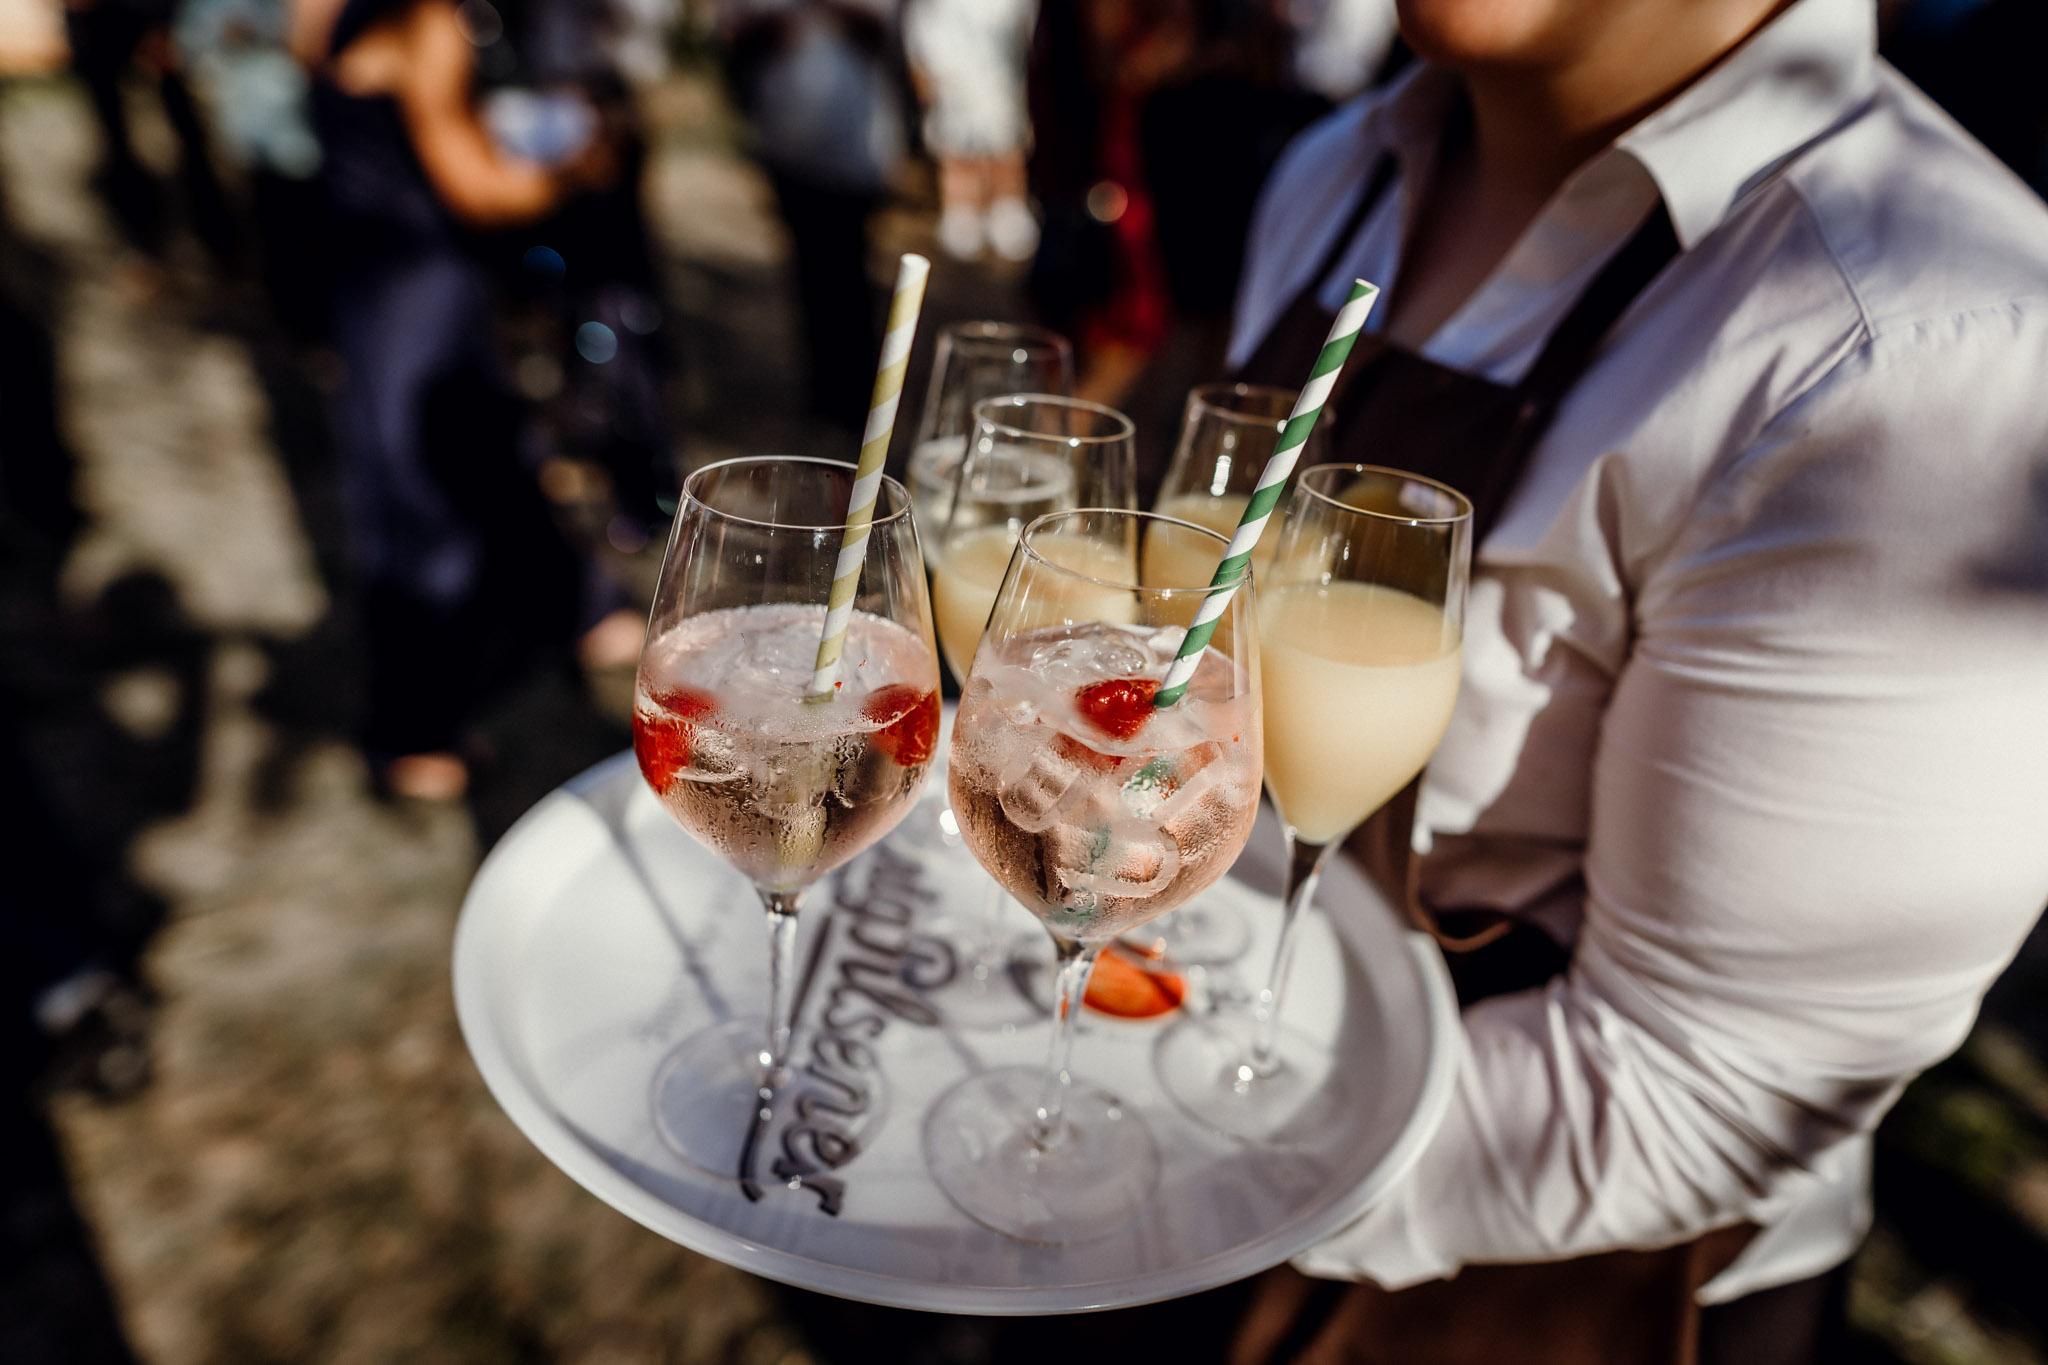 Sven Schomburg Hochzeitsfotografie, Hamburg, Mölln, Hochzeitsfieber by Photo-Schomburg, Hochzeitsreportage, Forsthaus Waldhusen, Braut, Bräutigam-61